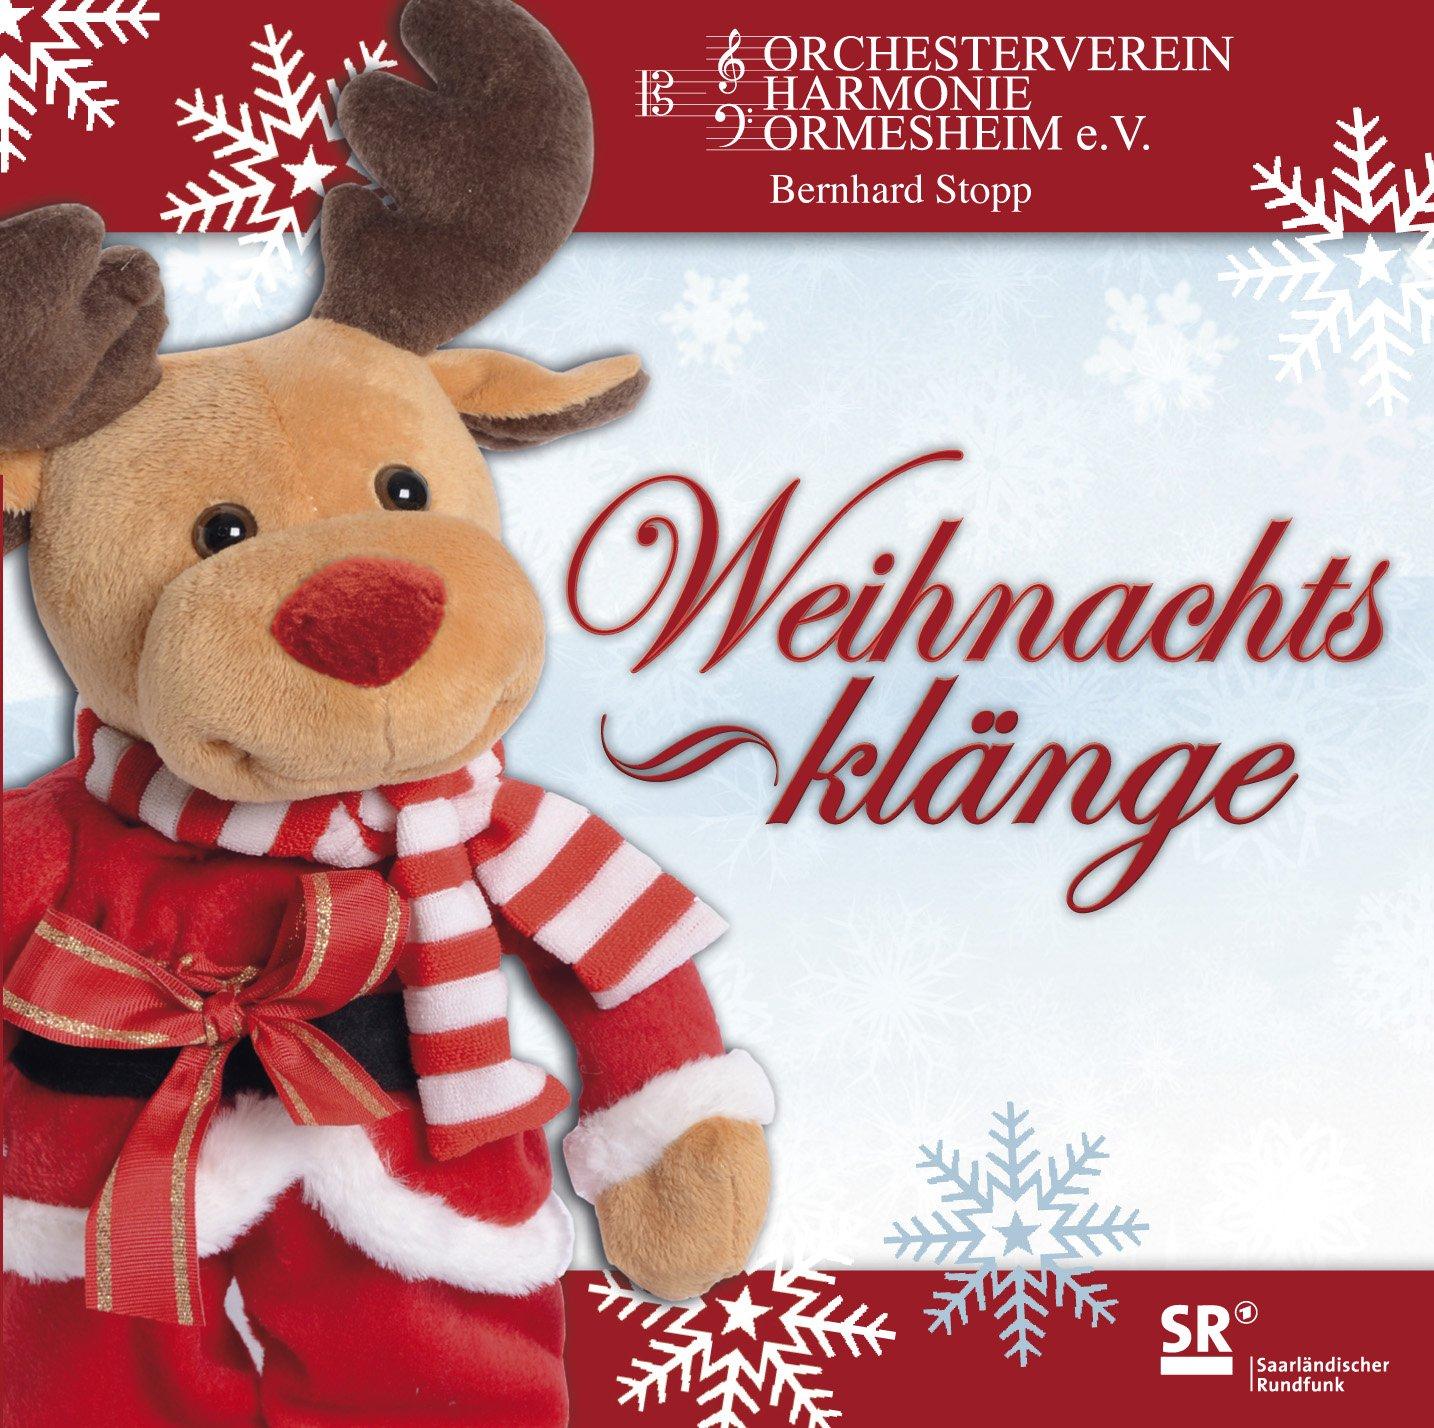 Weihnachtsklänge - Orchesterverein Harmonie Ormesheim e.V., Johann ...